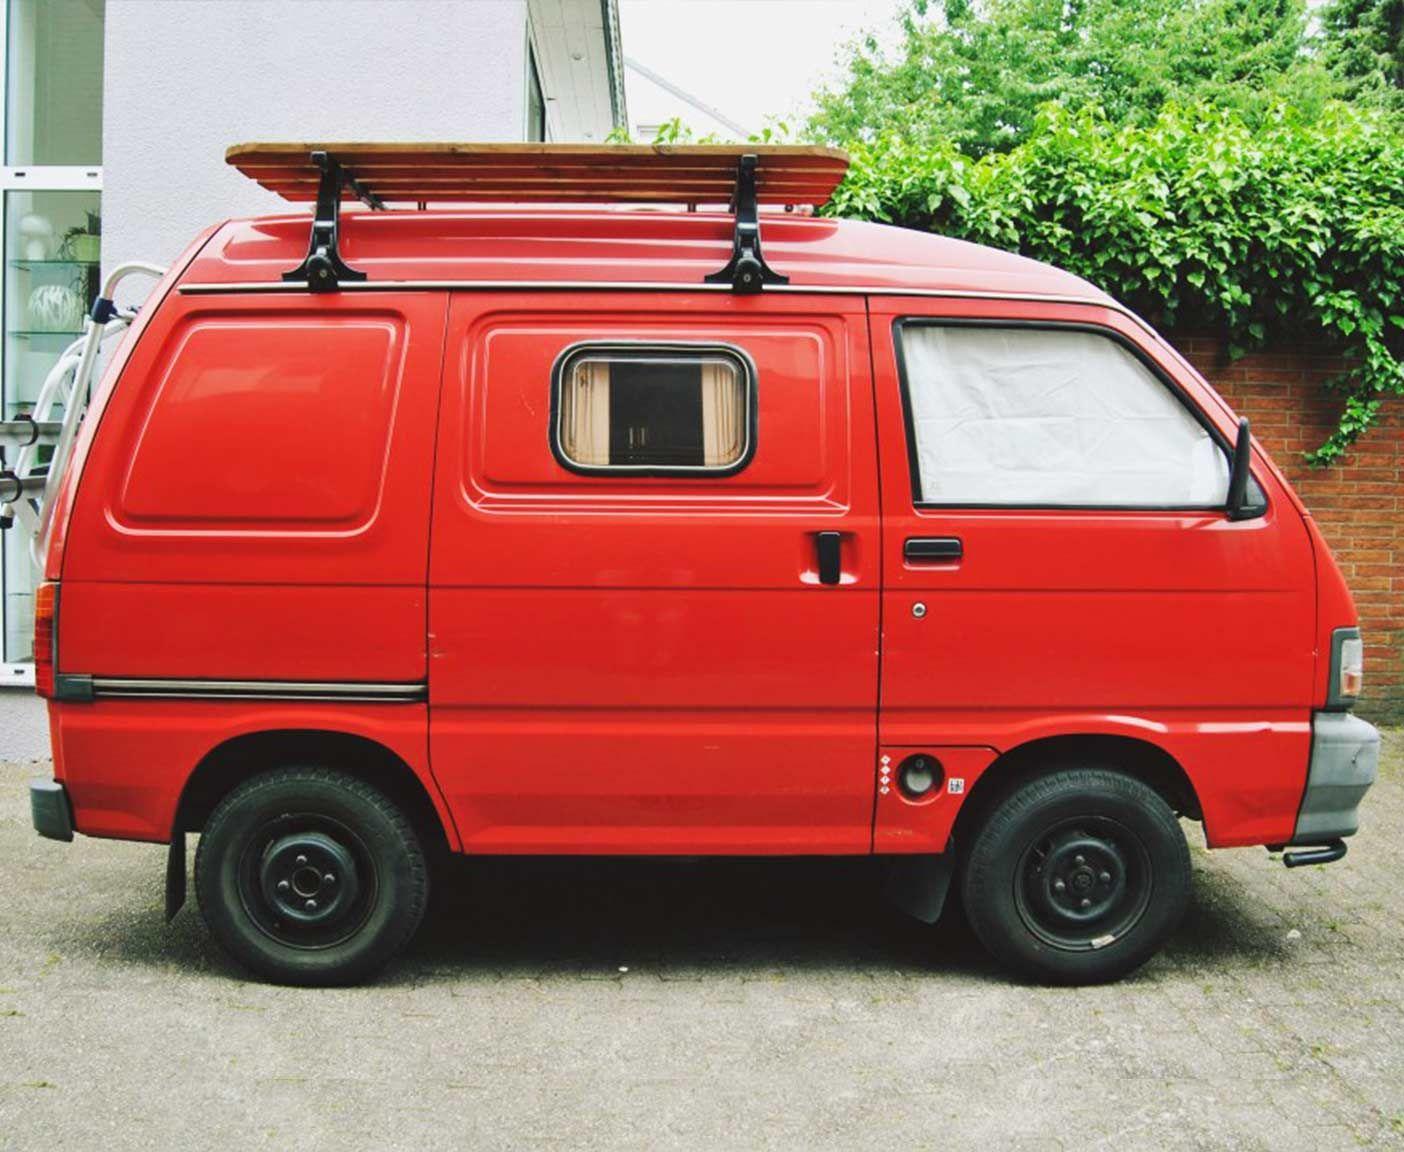 Reise Mit Mir Um Die Welt In Meinem Orangenen Bus Mein Reiseblog Beinhaltet Tips Und Tricks Rund Um Das Thema Vanlife Minivan Kleine Camper Kleines Wohnmobil